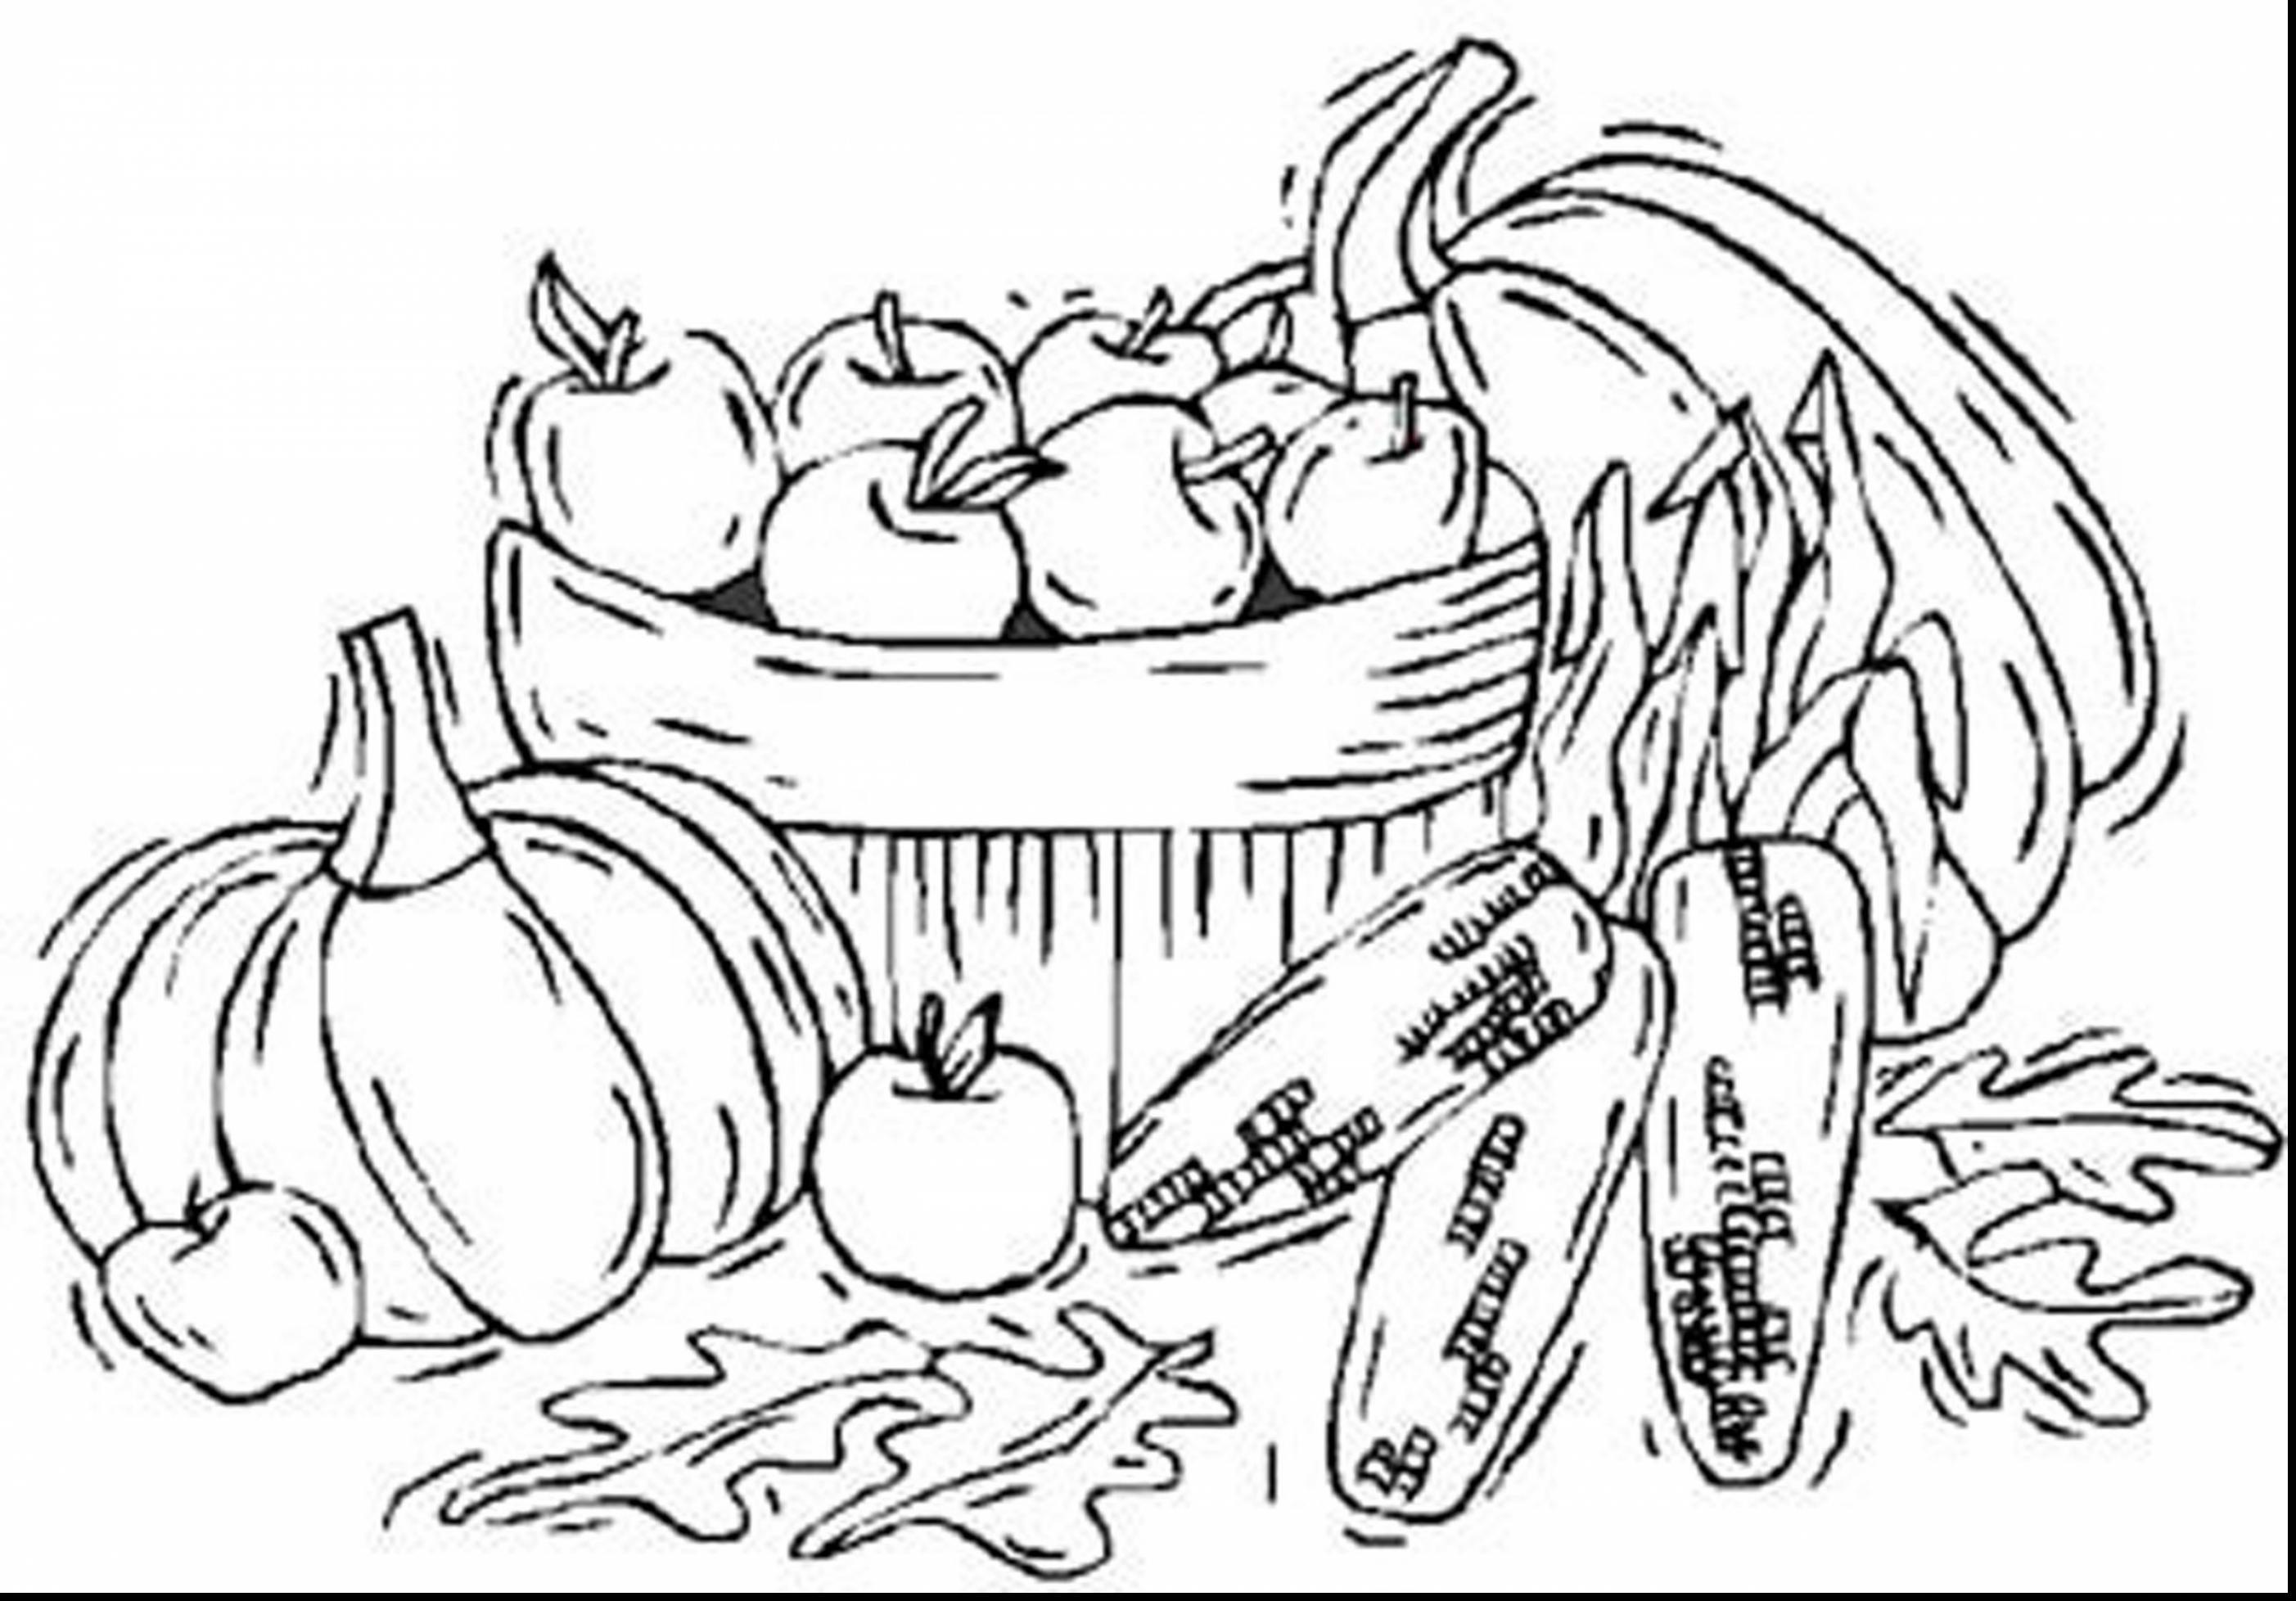 Minnie Maus Malvorlagen Inspirierend Ausmalbild Maus Bildergalerie & Bilder Zum Ausmalen Minnie Mouse Das Bild